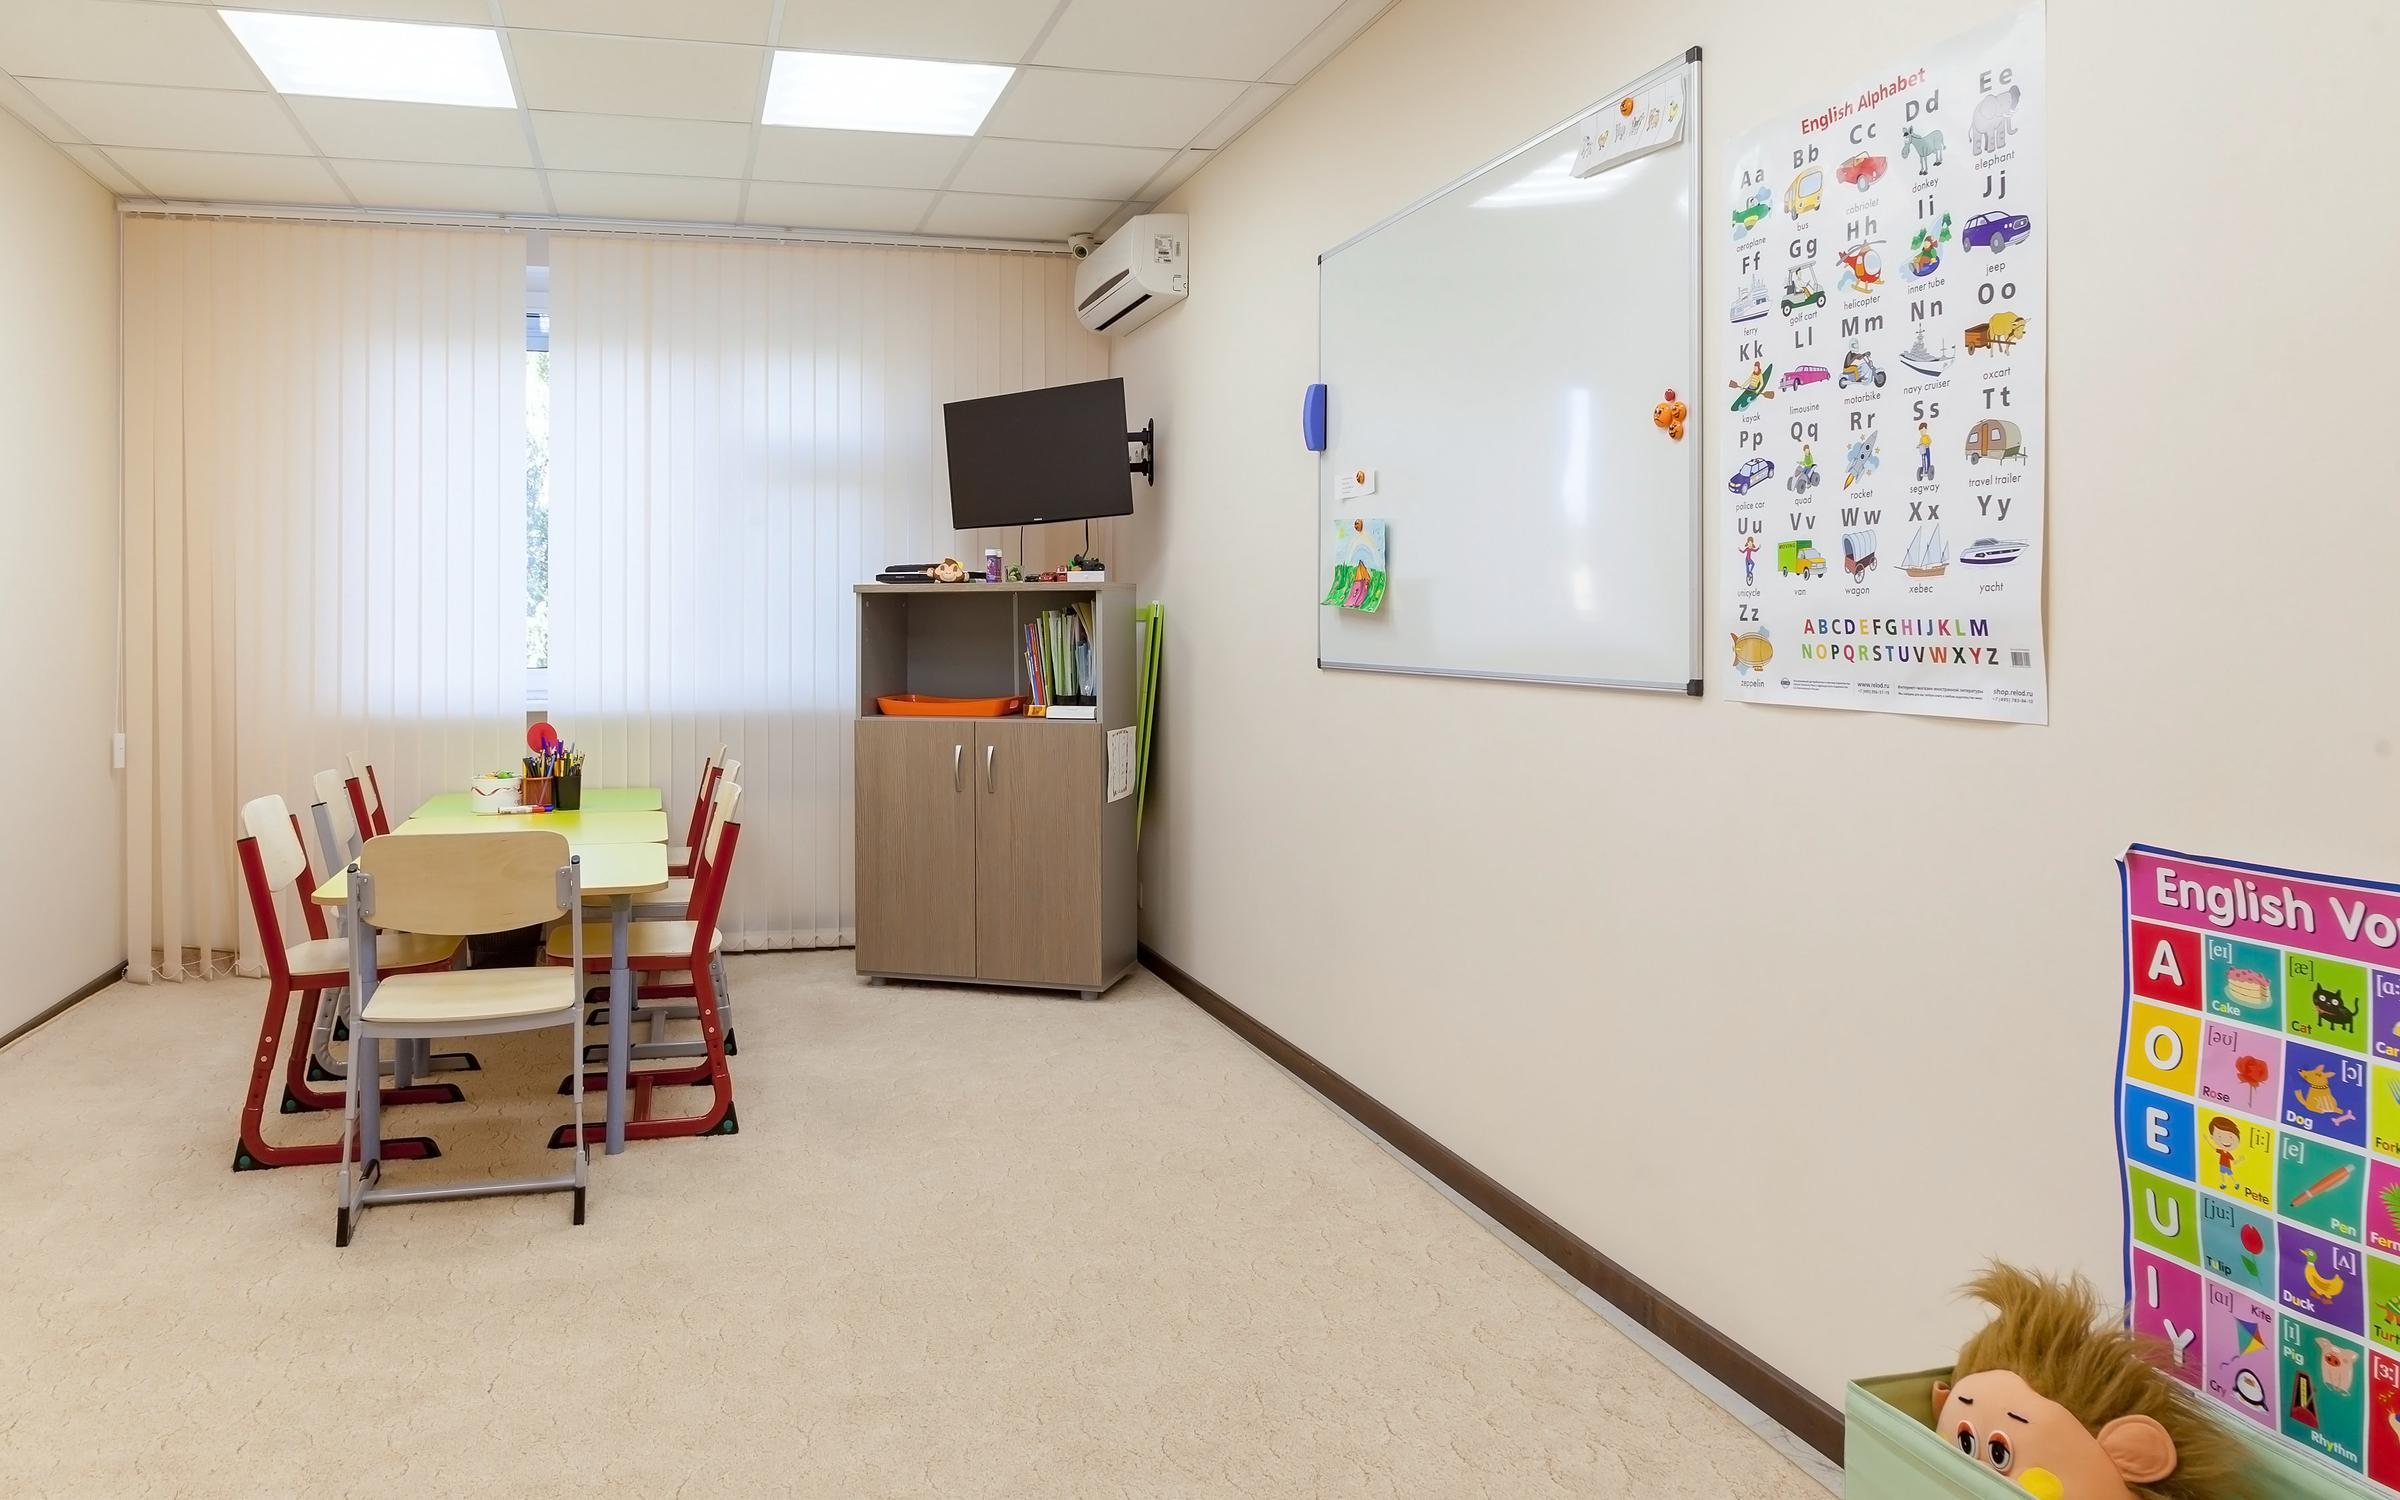 фотография Образовательного центра иностранных языков Family Club в Ново-Переделкино